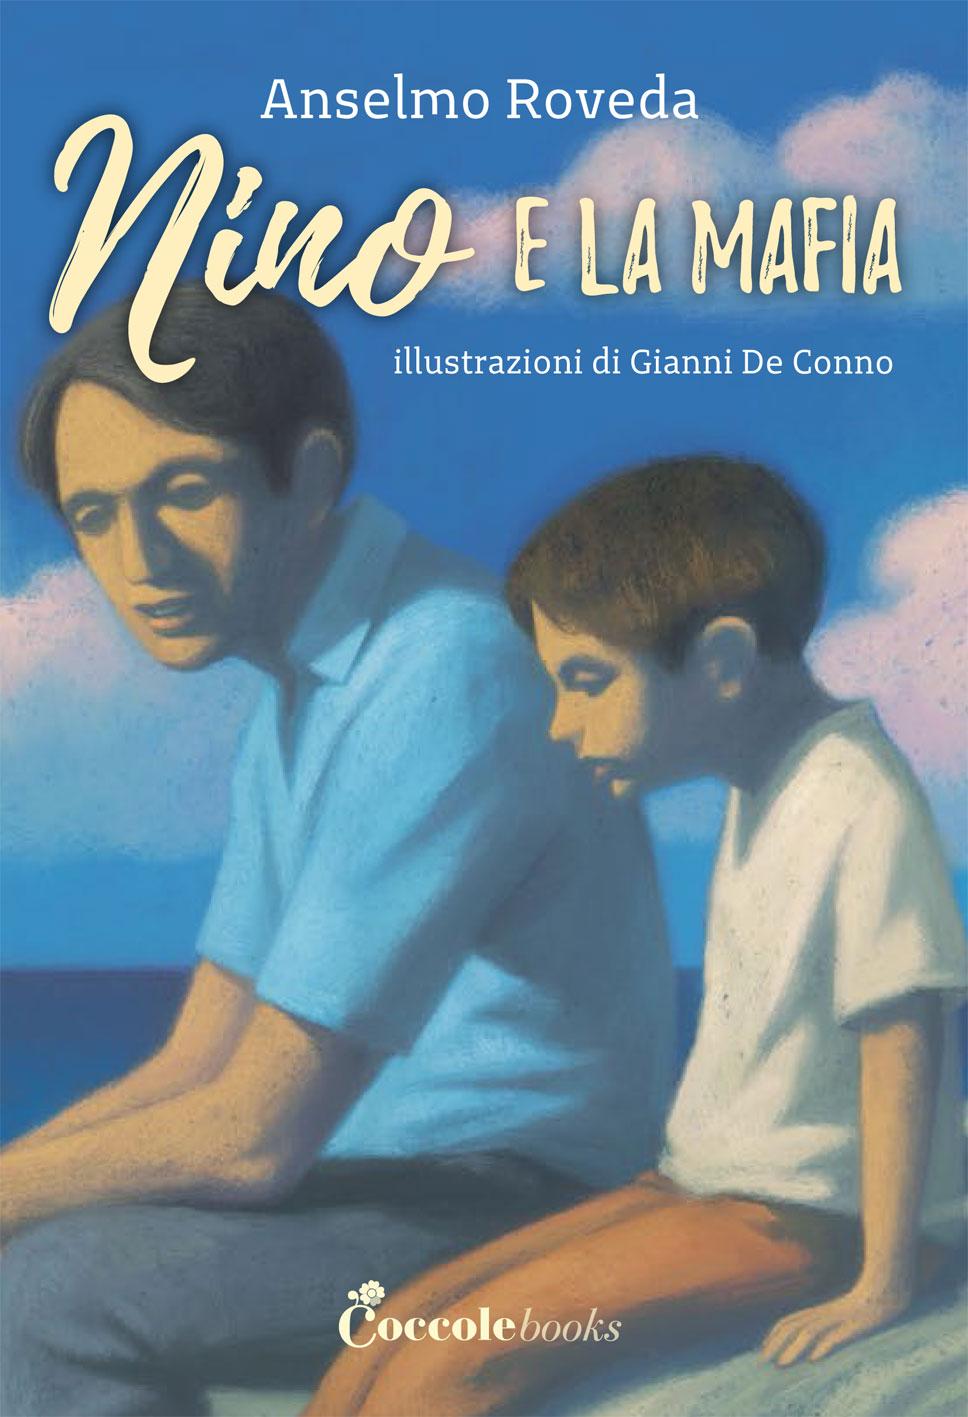 Nino e la mafia